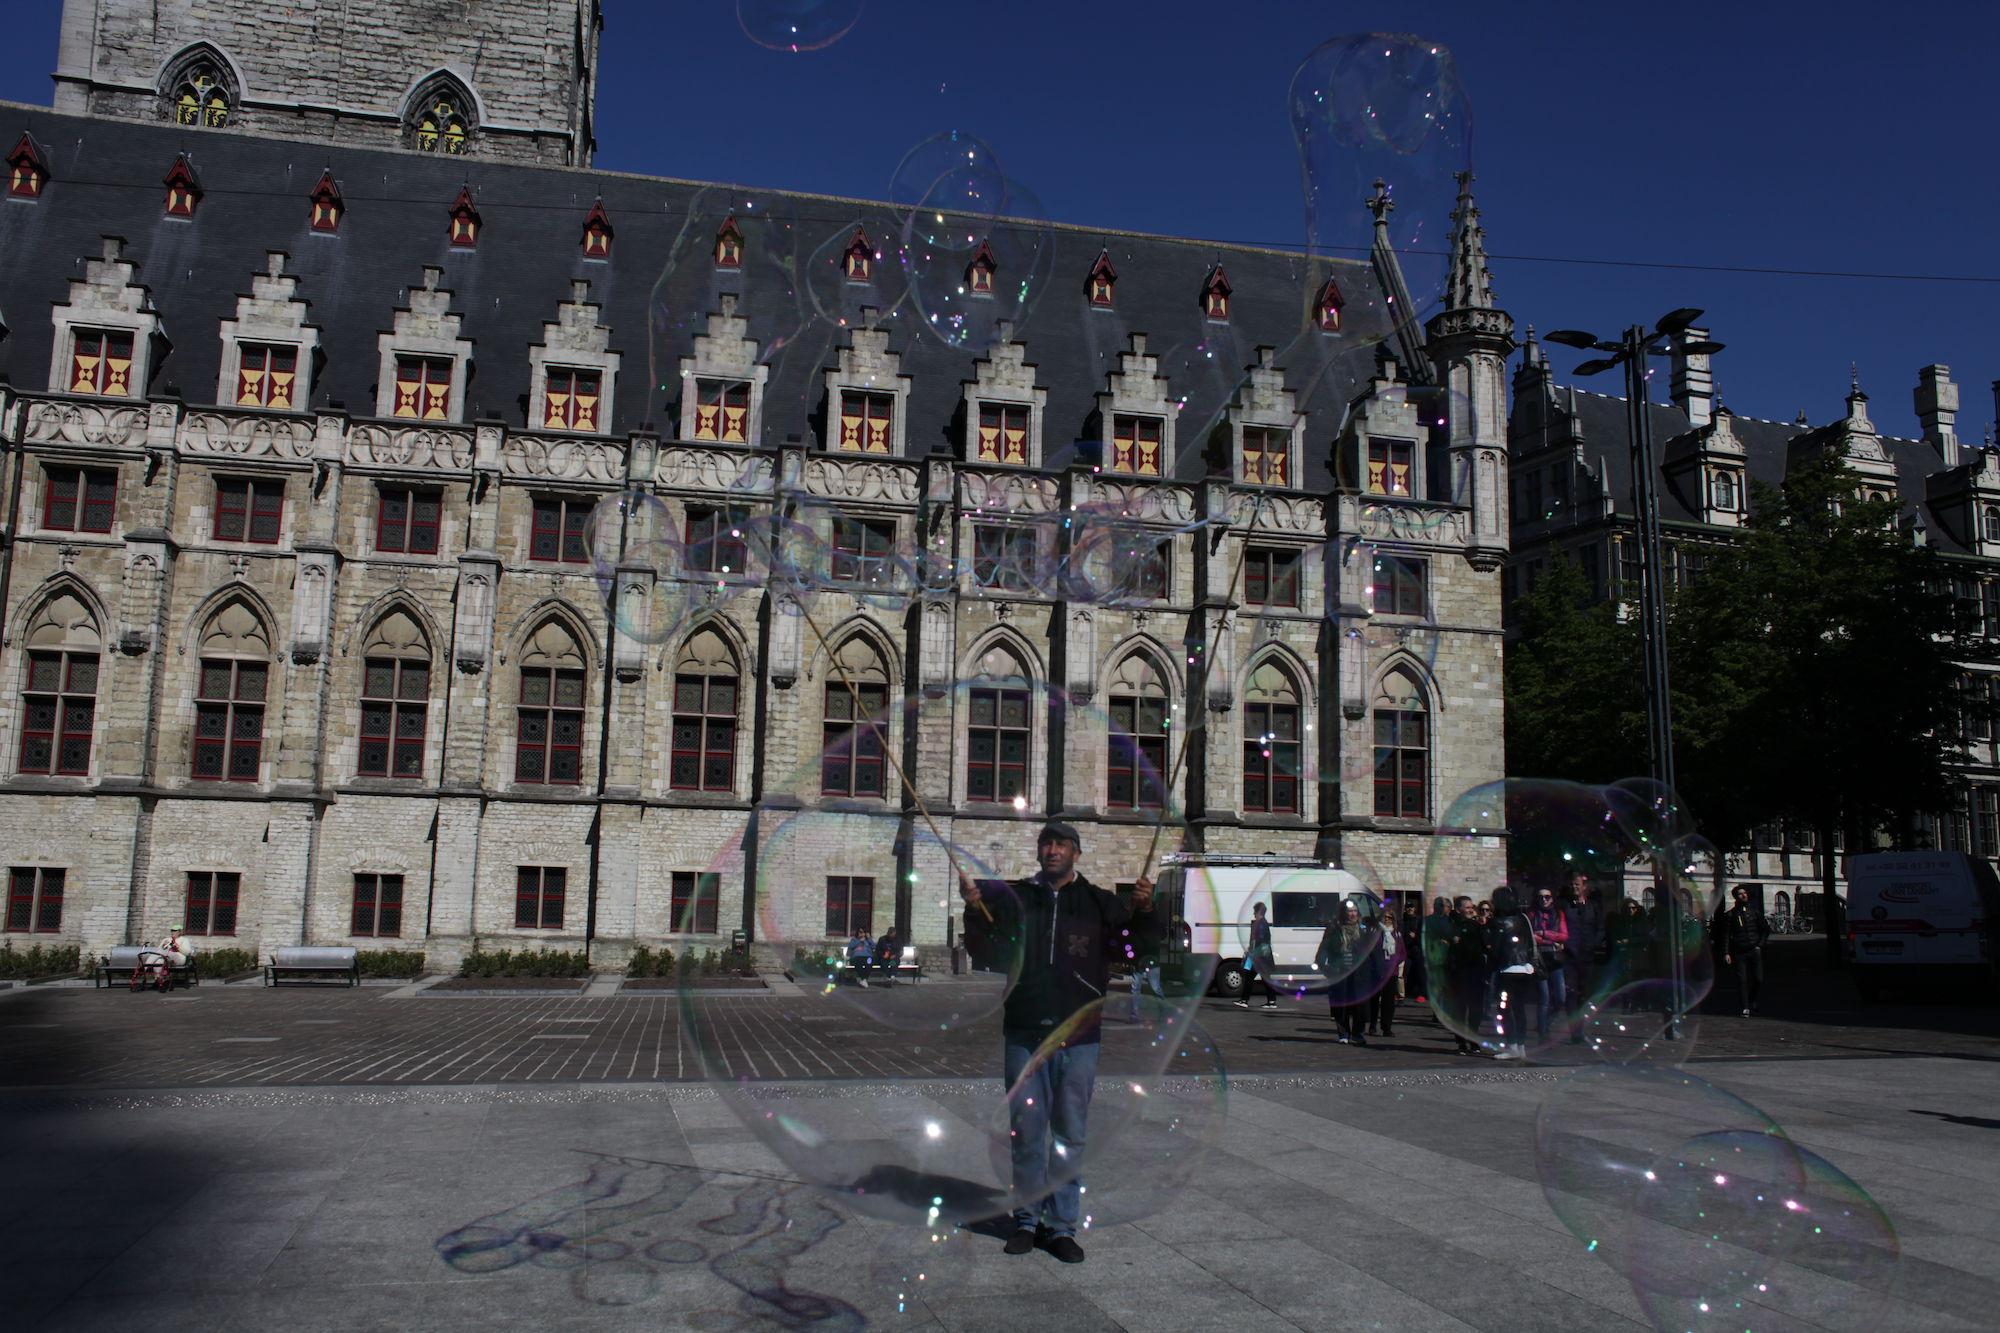 2019-05-14 Stad Gent_St Baafsplein Belfort Zeepbellen_IMG_9802.JPG